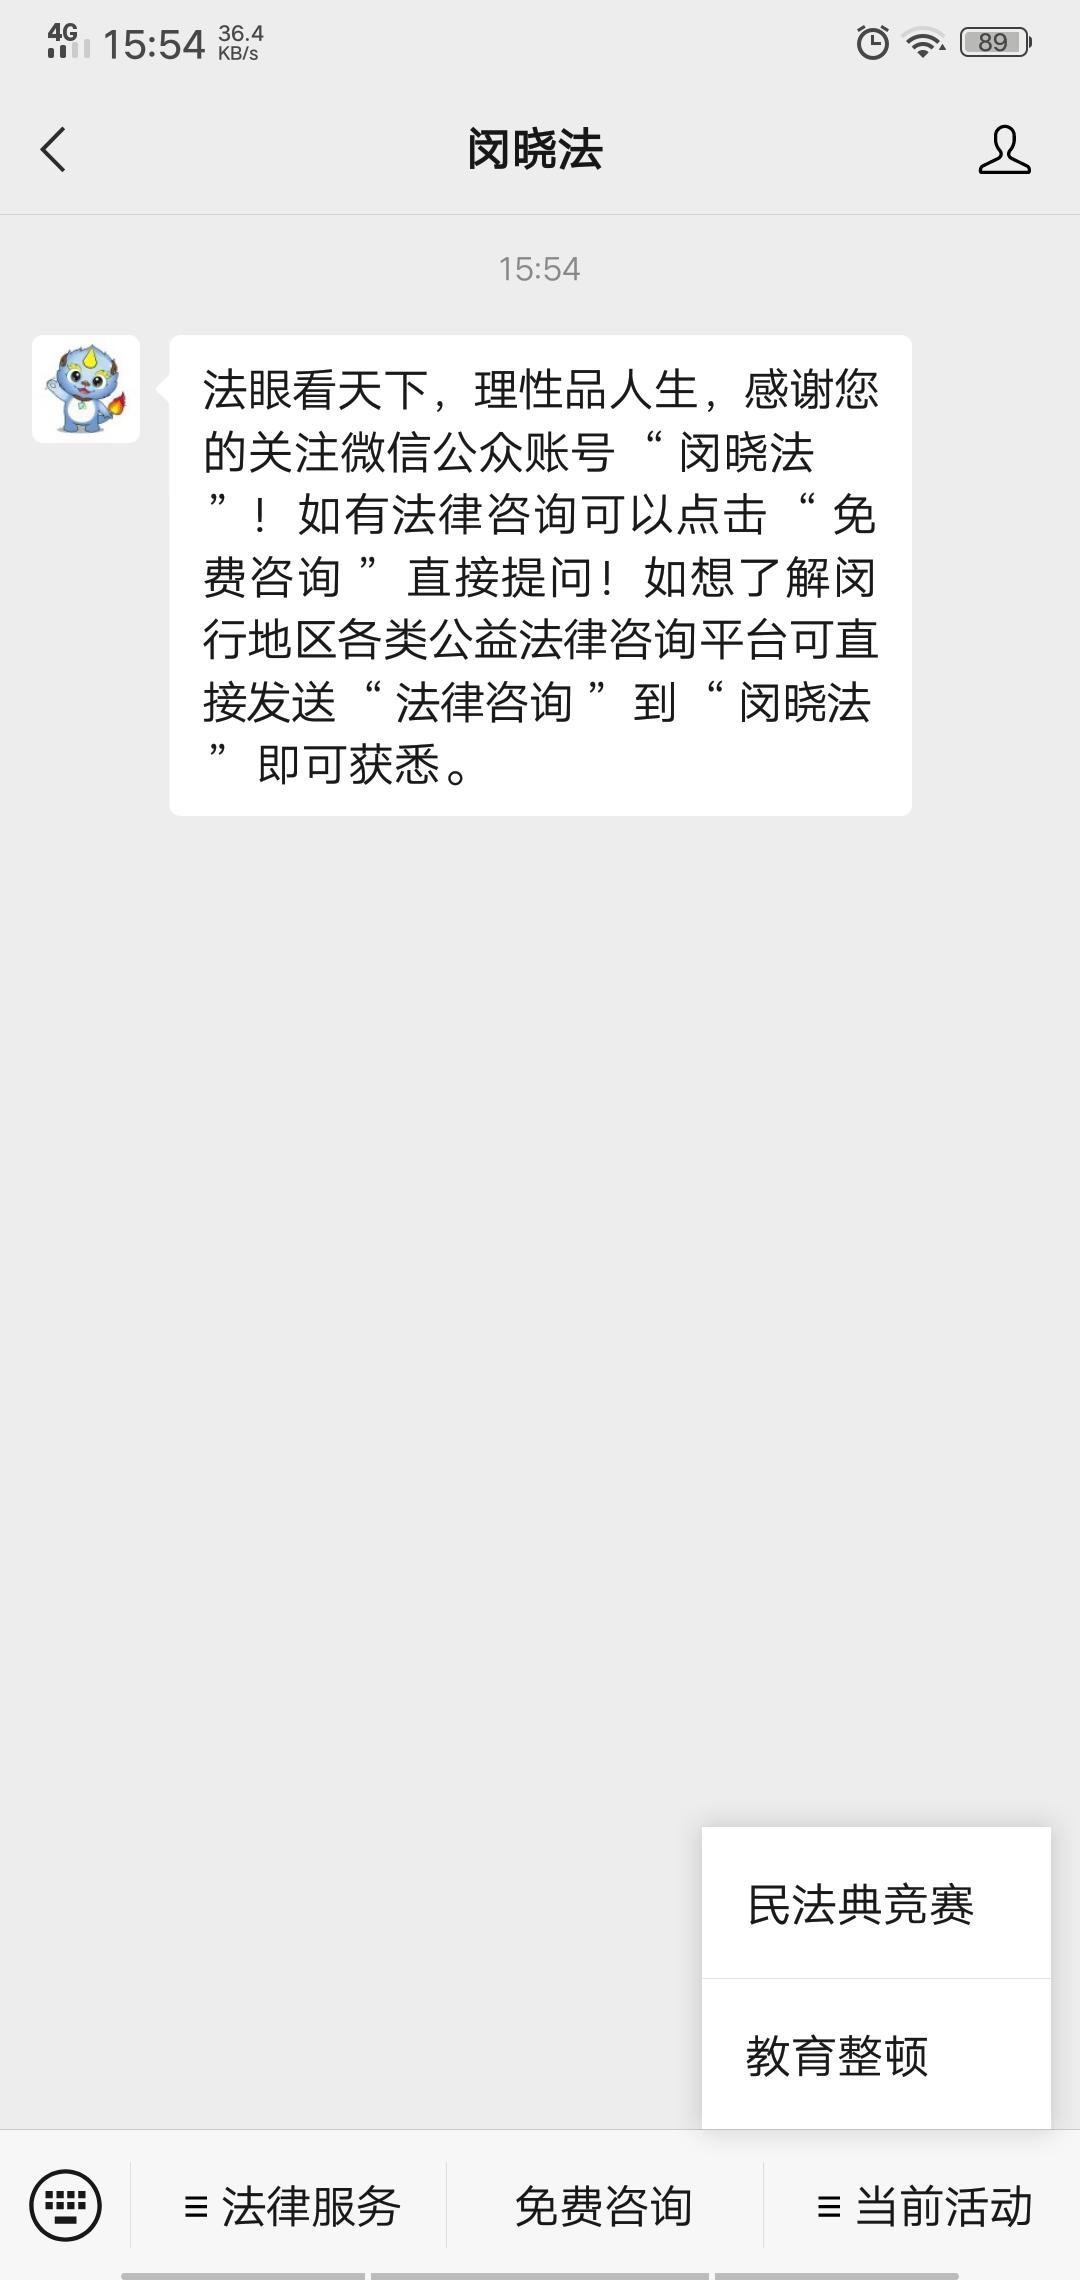 【现金红包】闵晓法抽红包